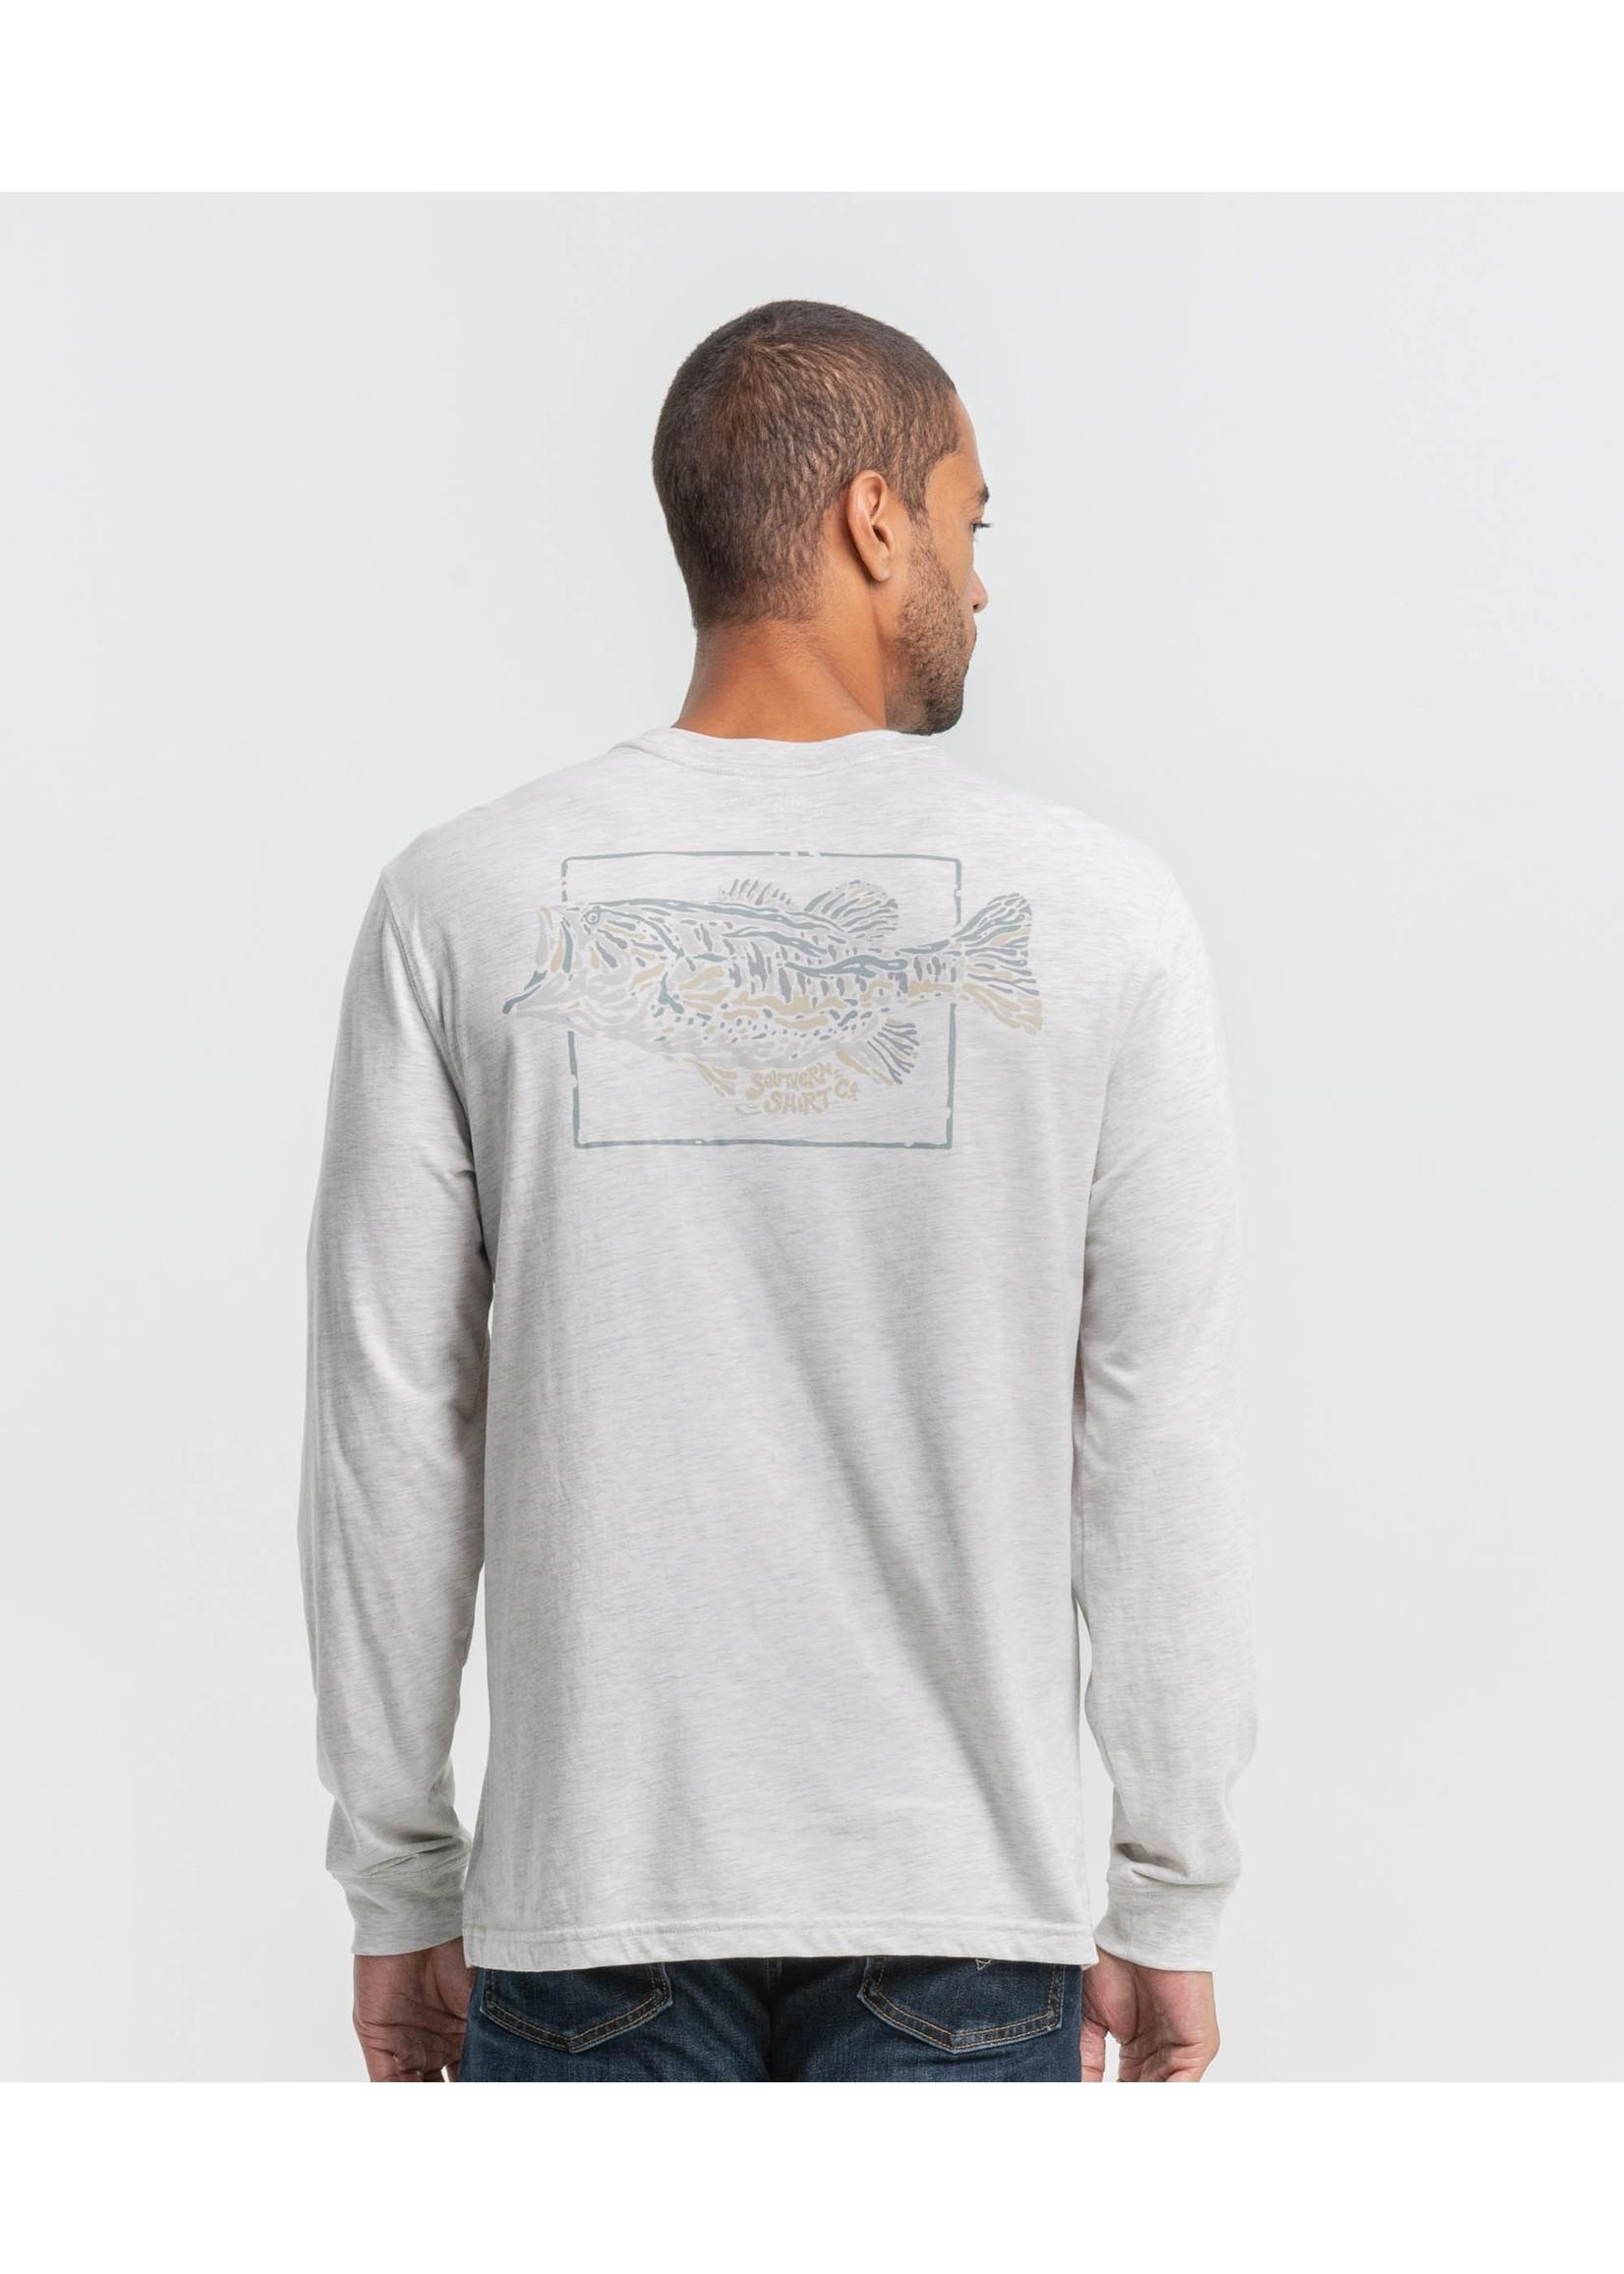 Southern Shirt Bassquatch Tee